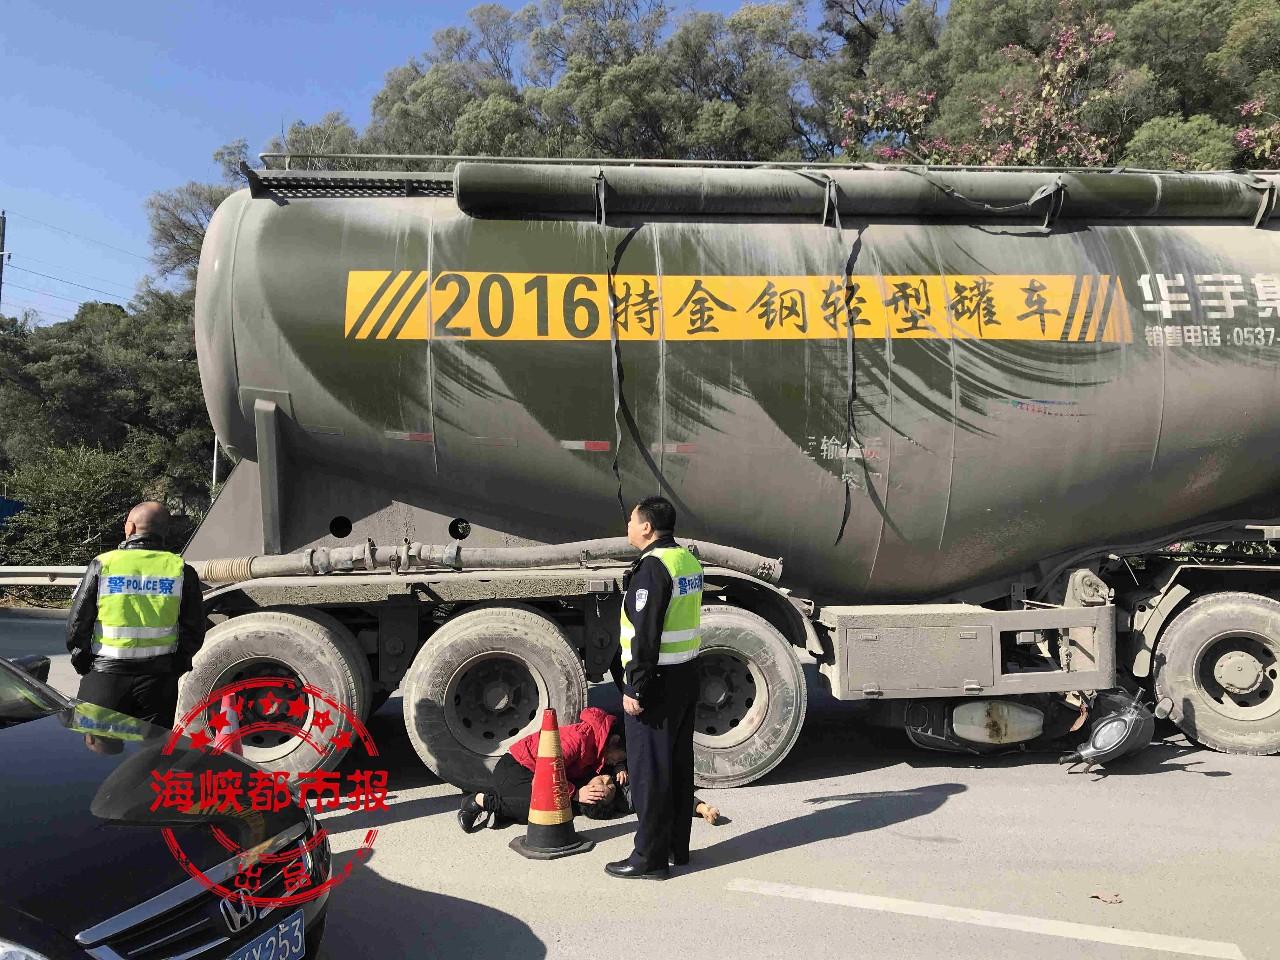 突发!又是电动车,1死1伤!福州乌龙江大桥发生惨烈车祸